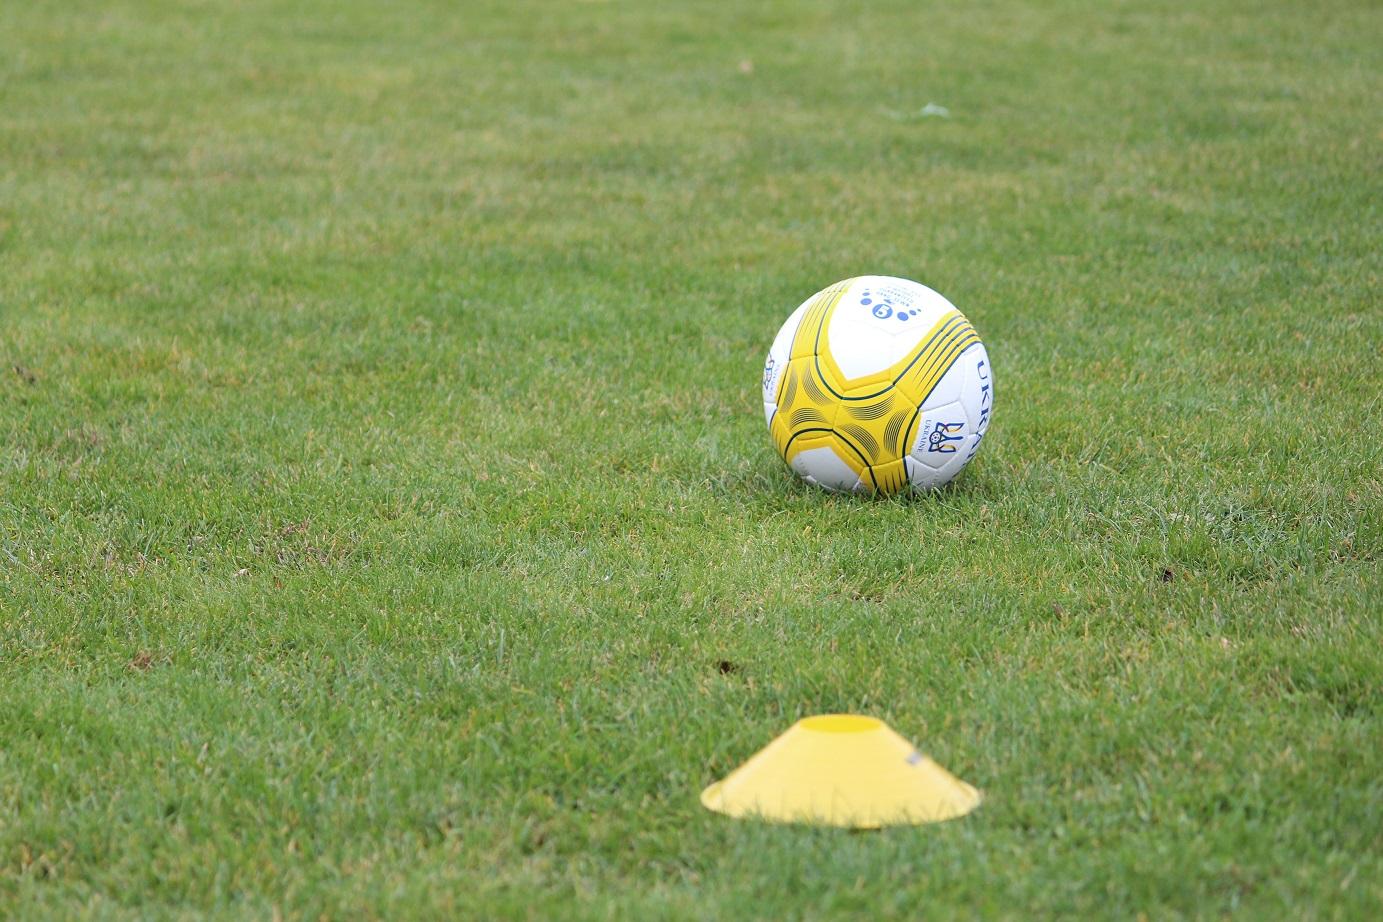 22 квітня зіграні матчі першості Херсонської області у вікових категоріях U-16 та U-14